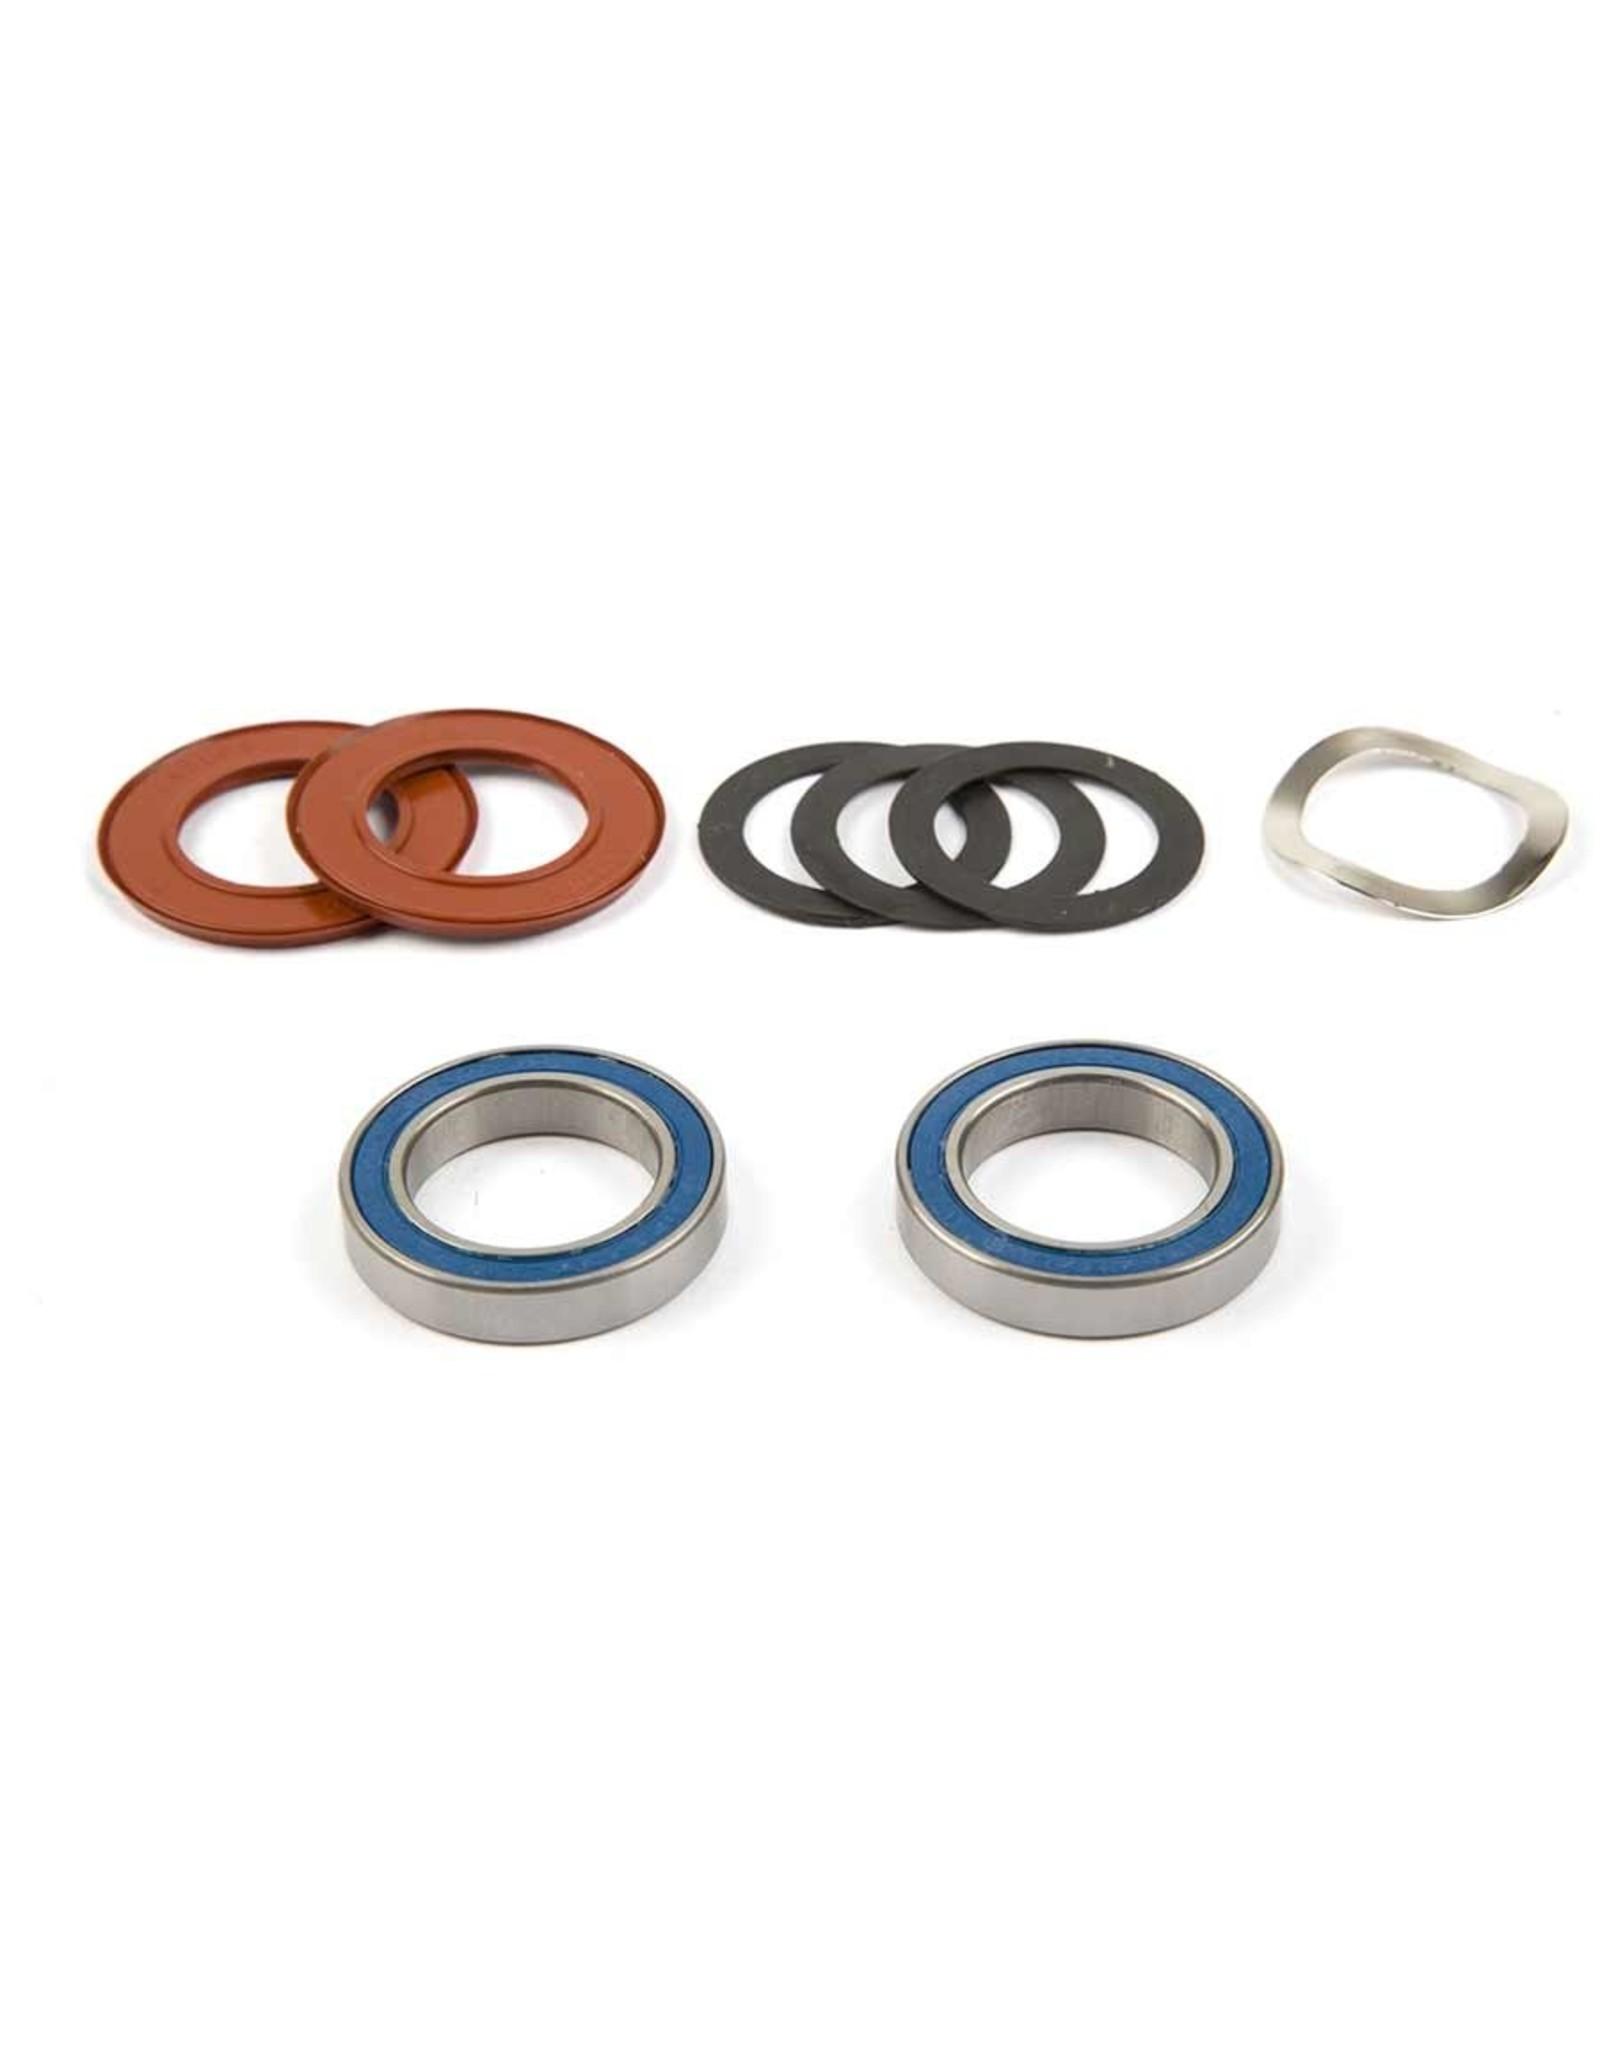 Enduro Enduro, Steel BB90, Shimano 2 Bearings, 2 Seals